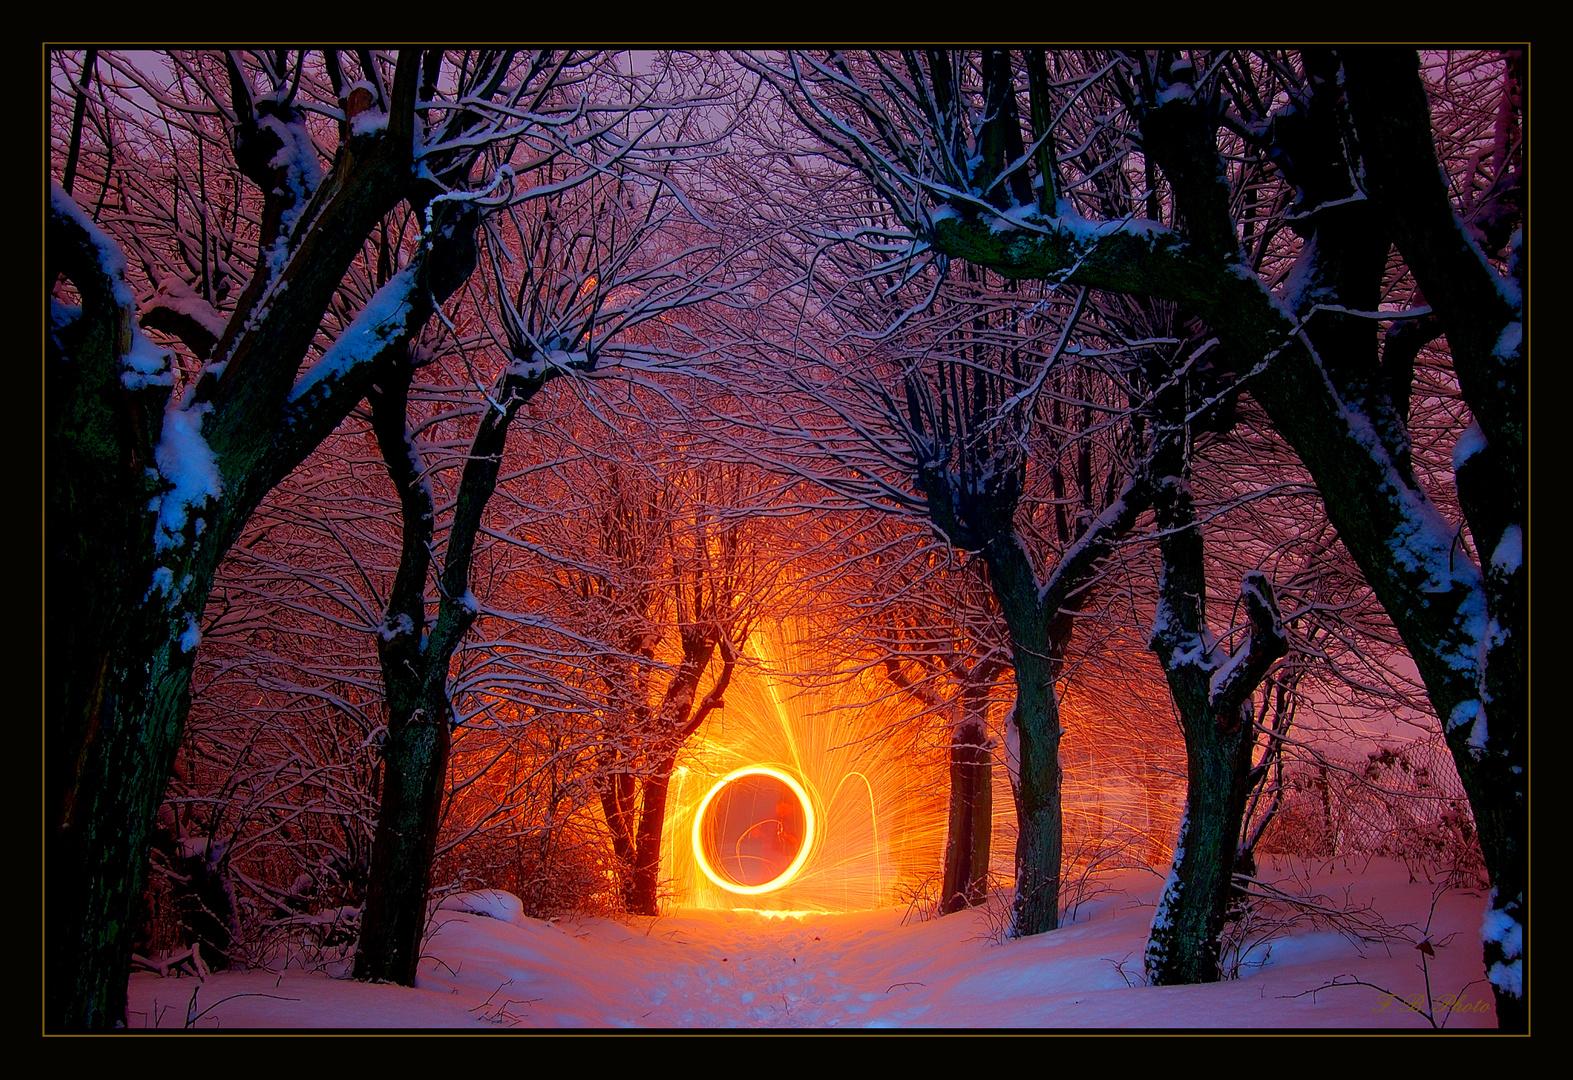 Feuerkreis im Unterholz